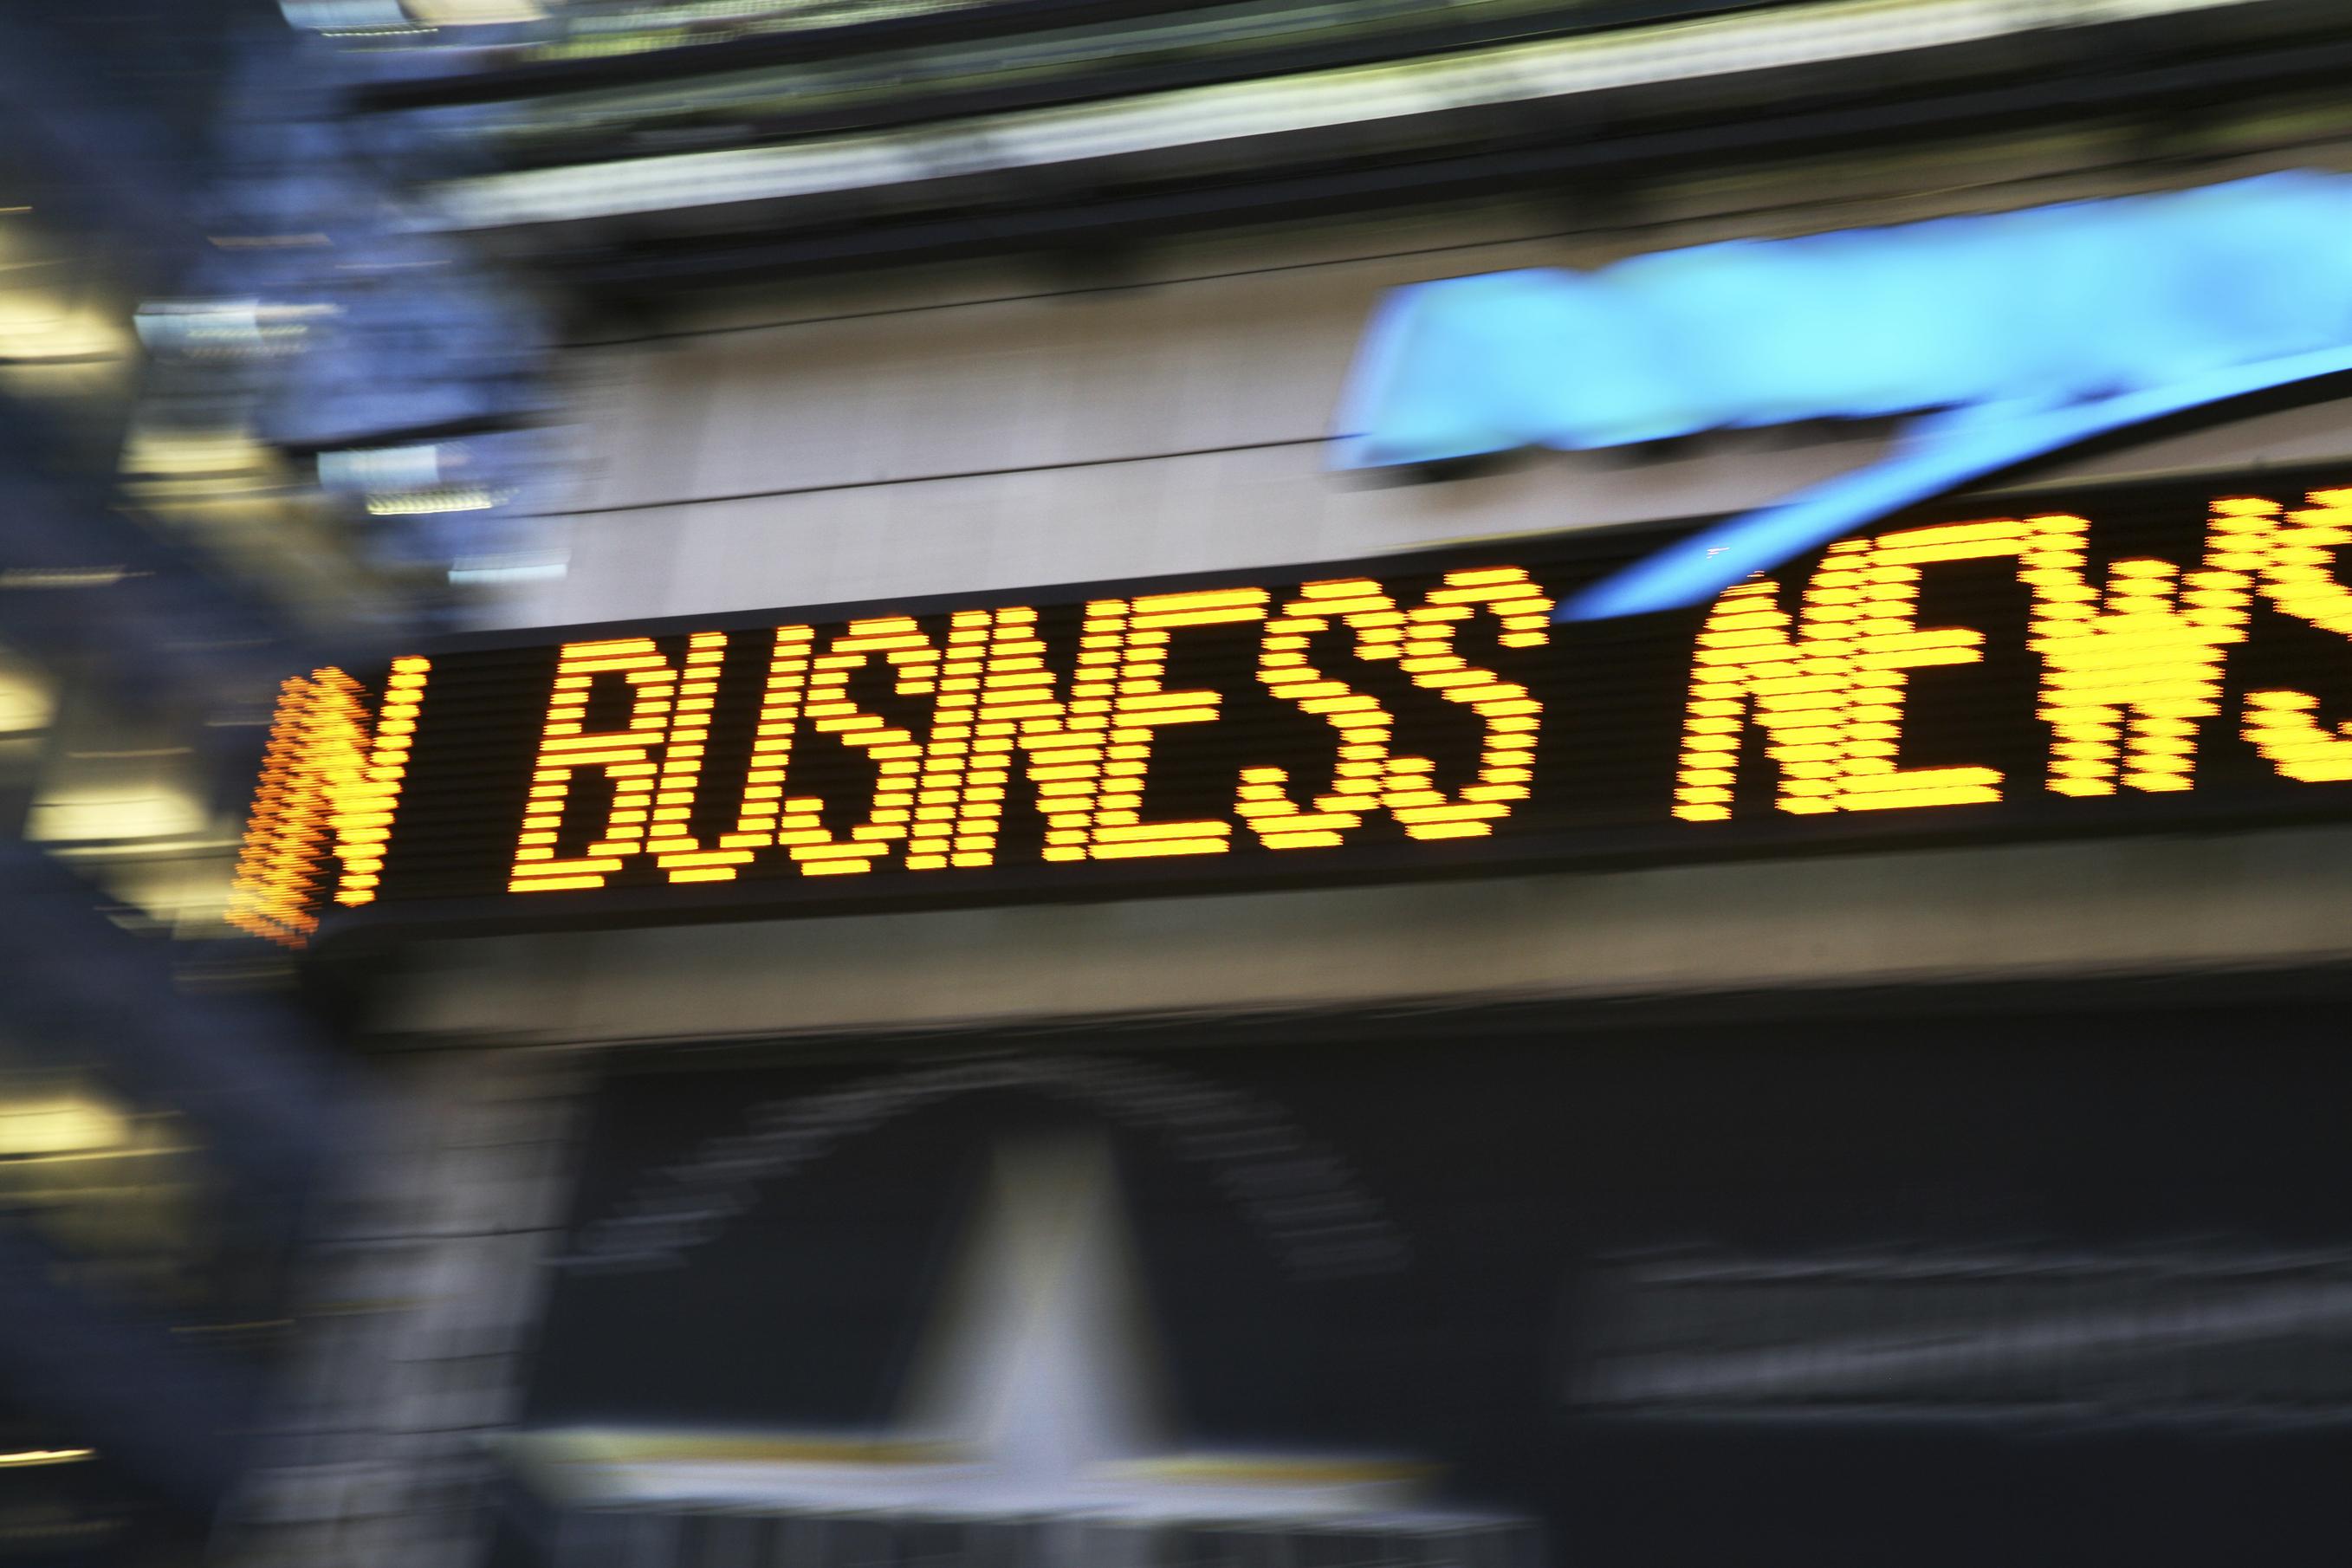 News Ticker Board In Times Square